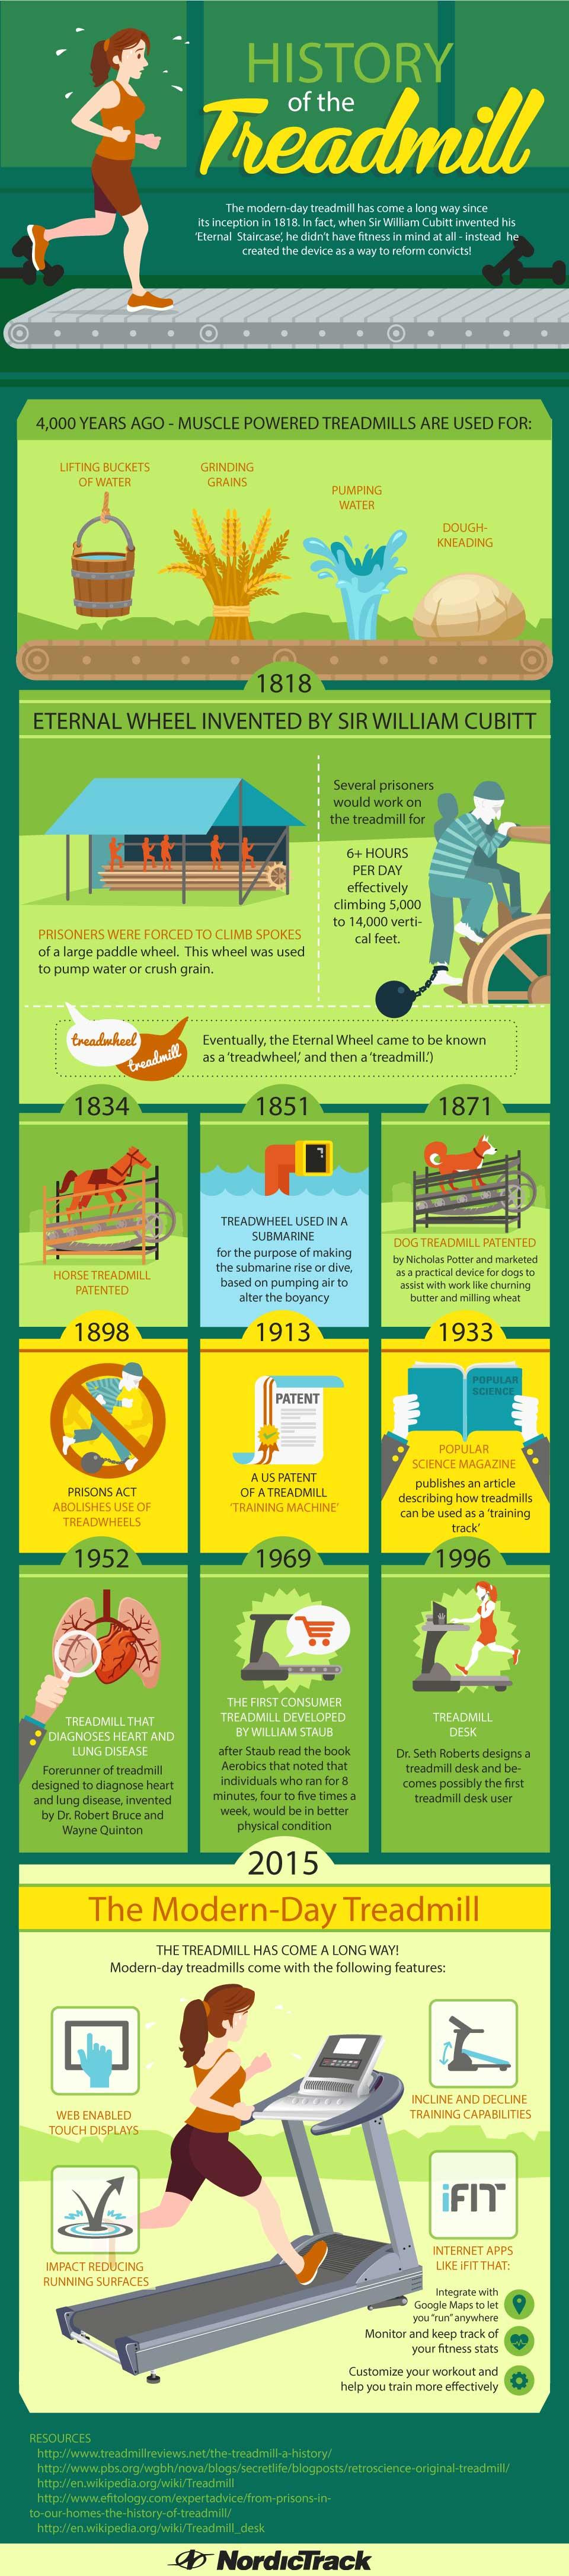 History of the Treadmill